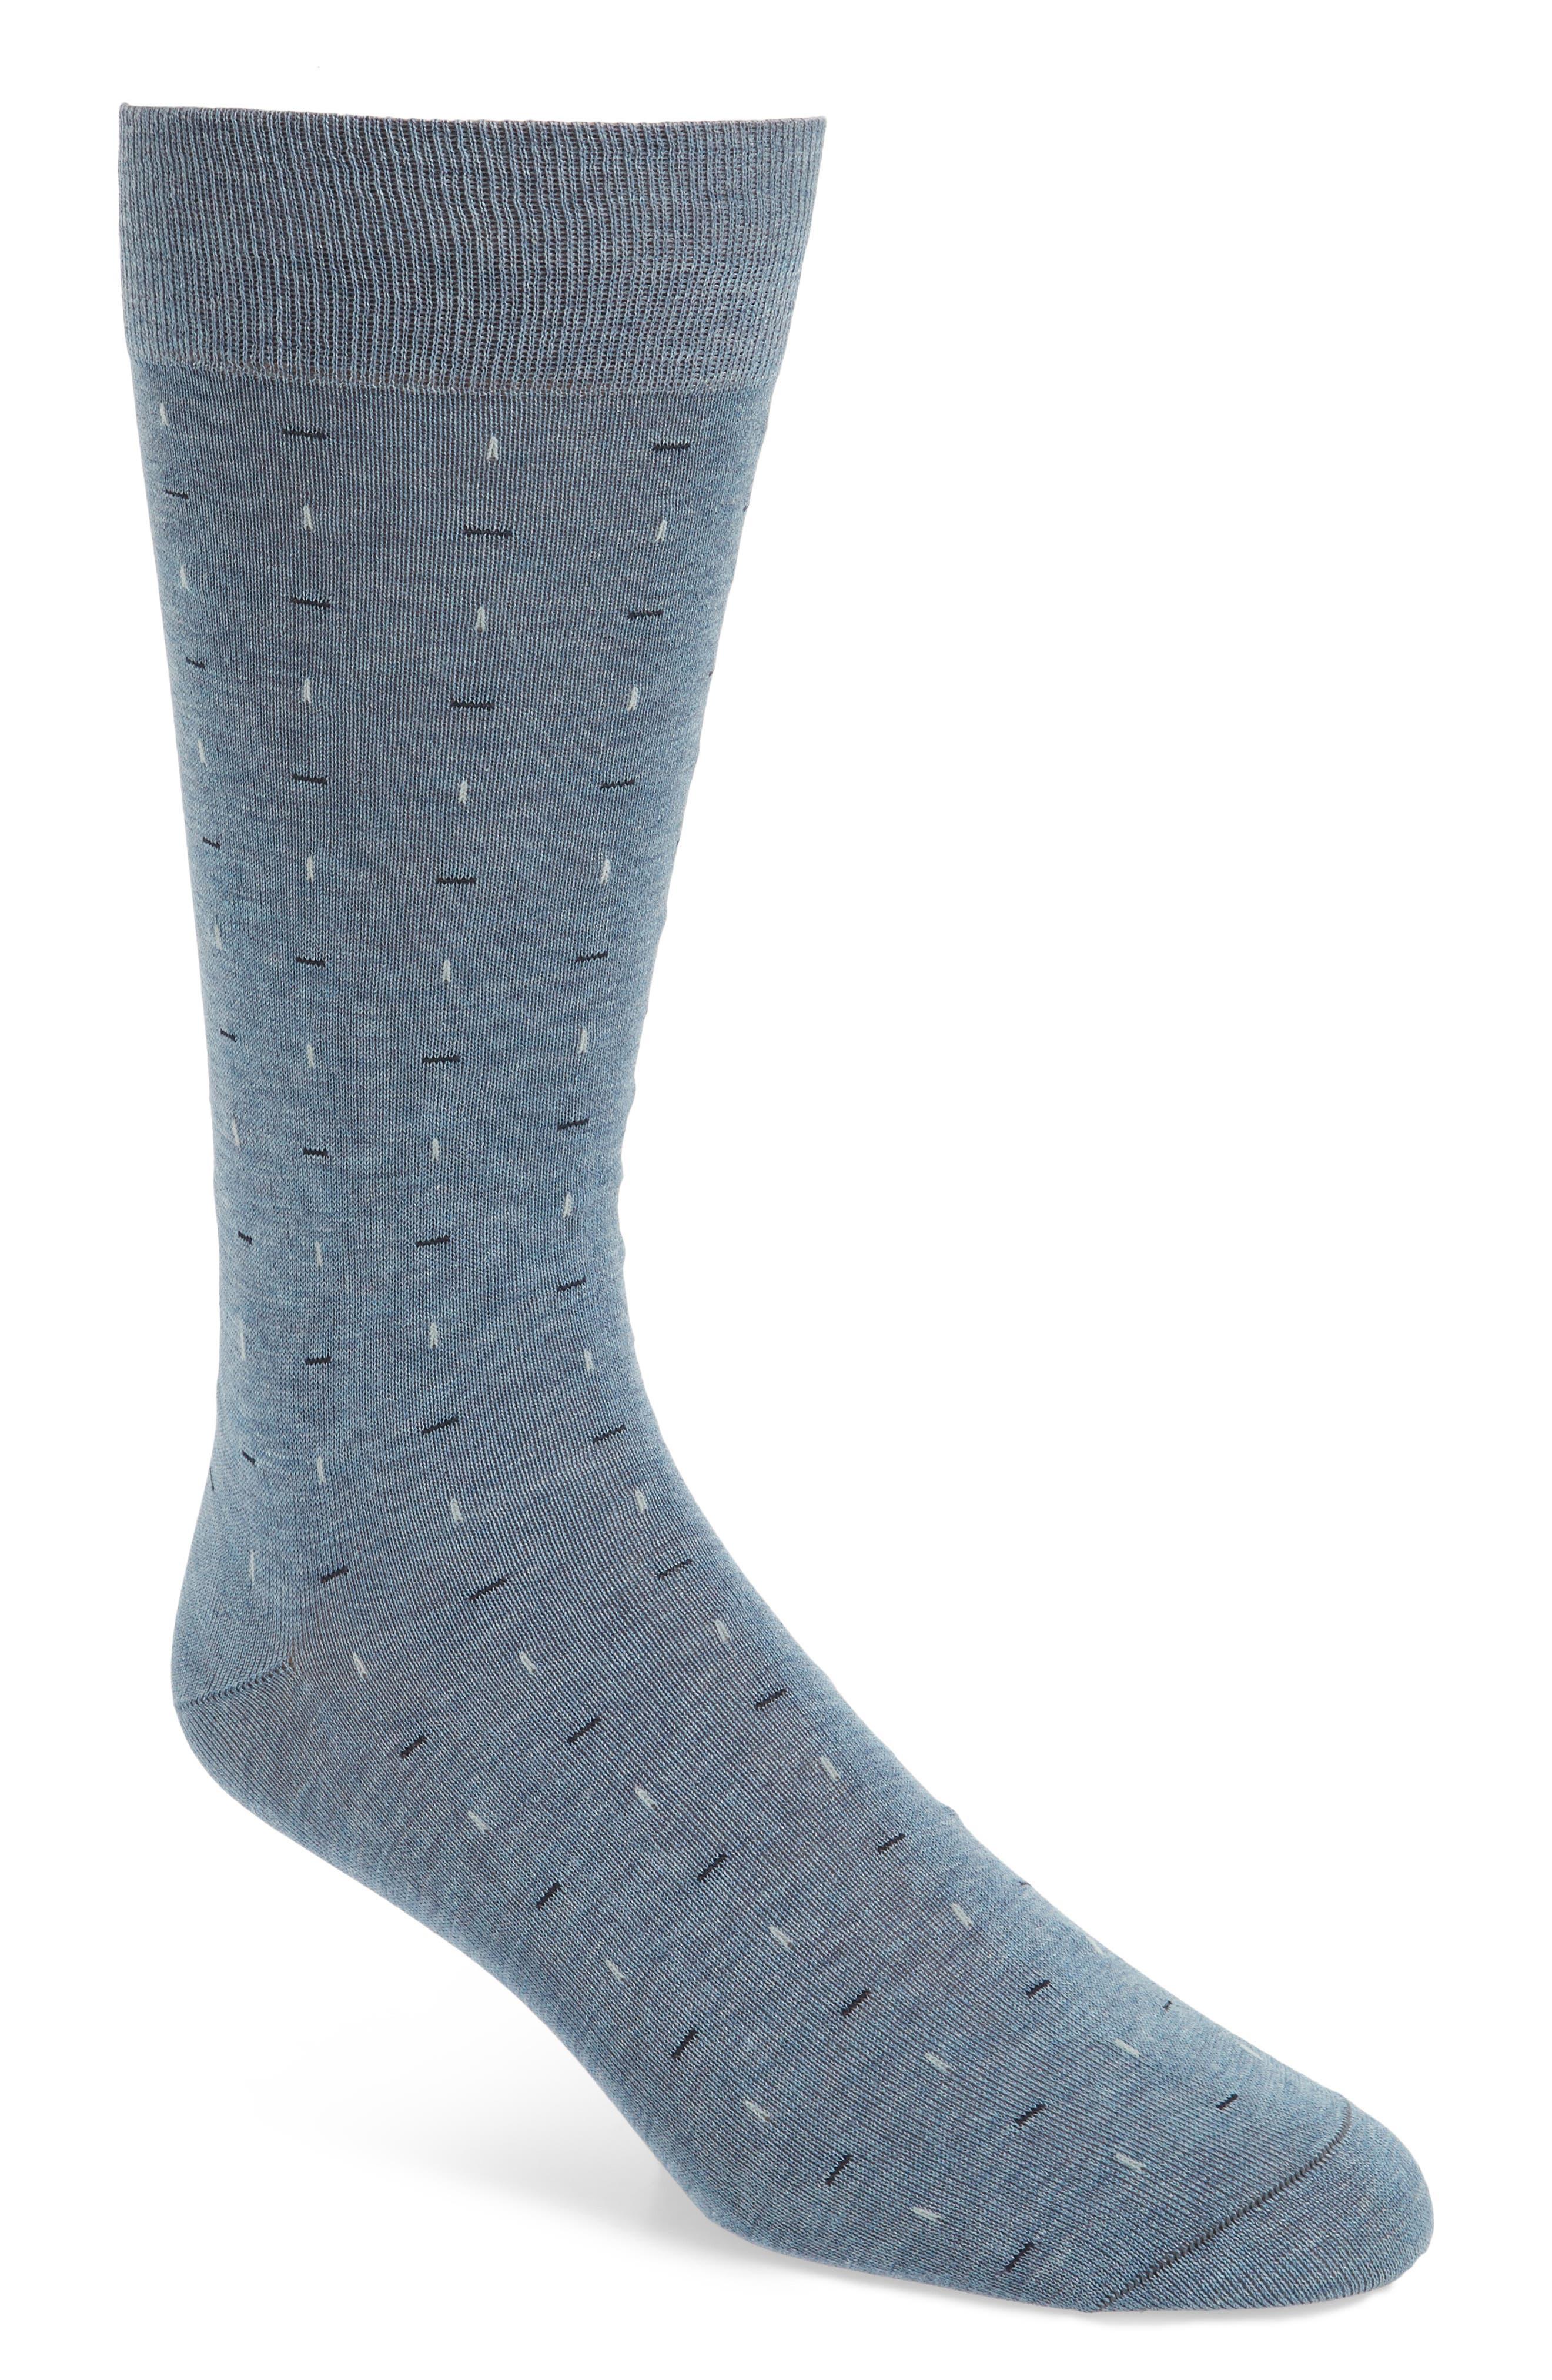 Pantherella Dashes Socks